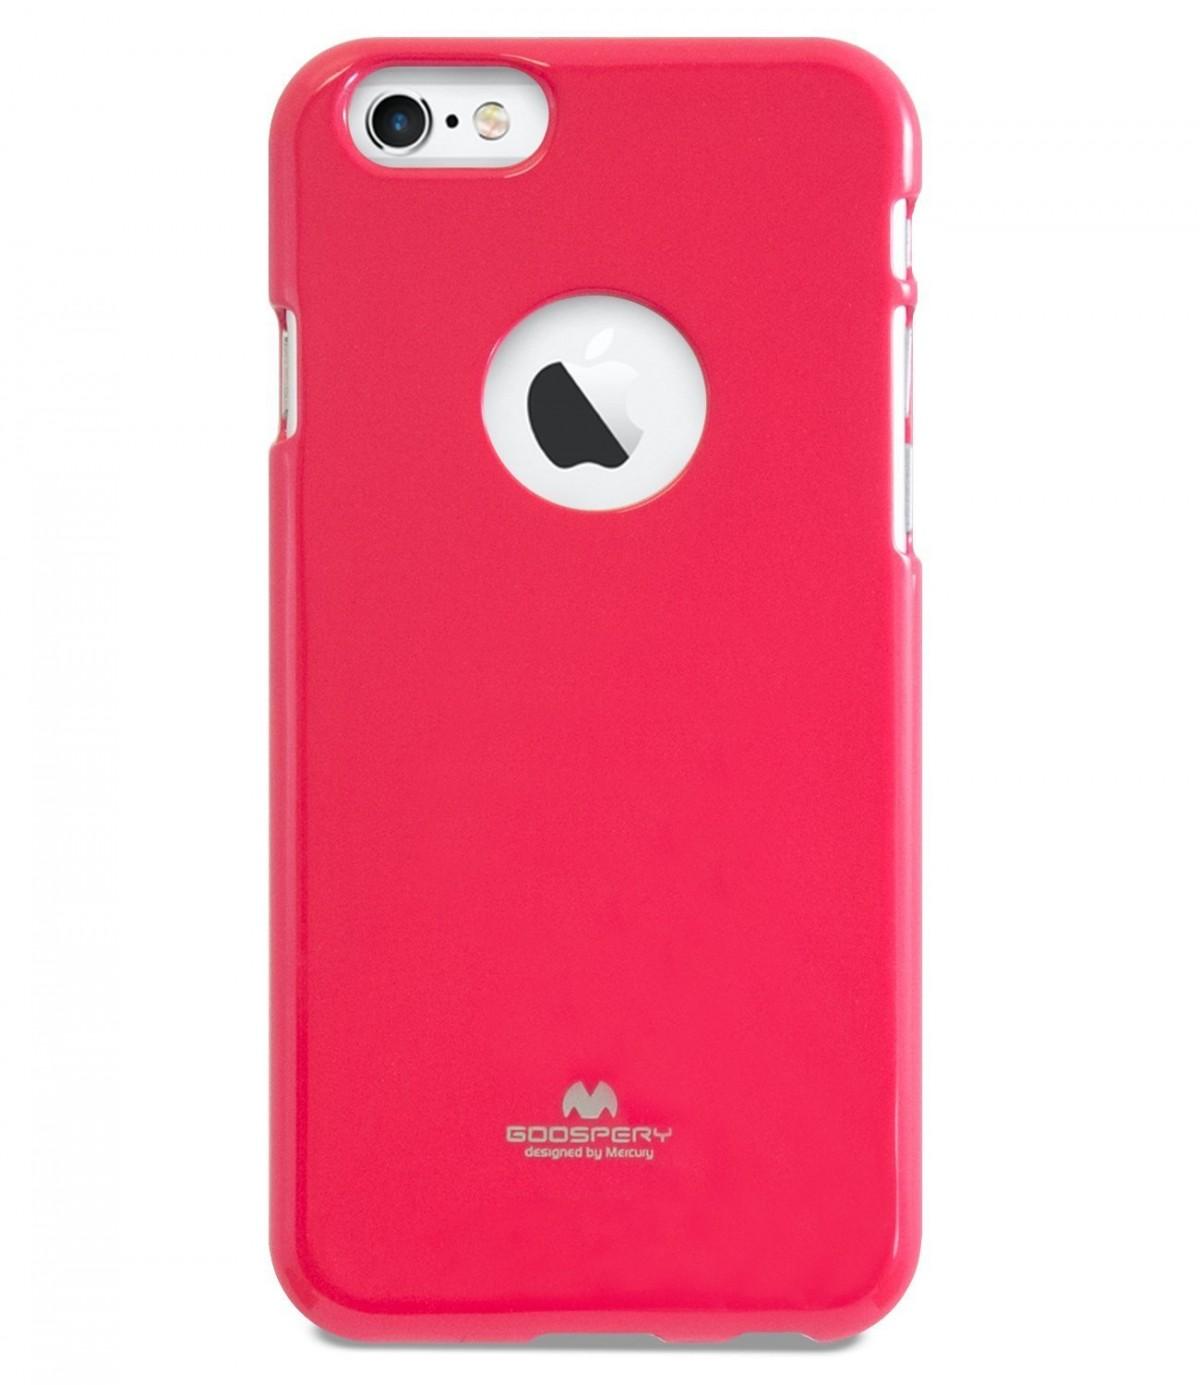 Tenké silikonové obaly / kryty Goospery Mercury pro Apple iPhone 6s/6 - Tmavě růžový / Hot Pink